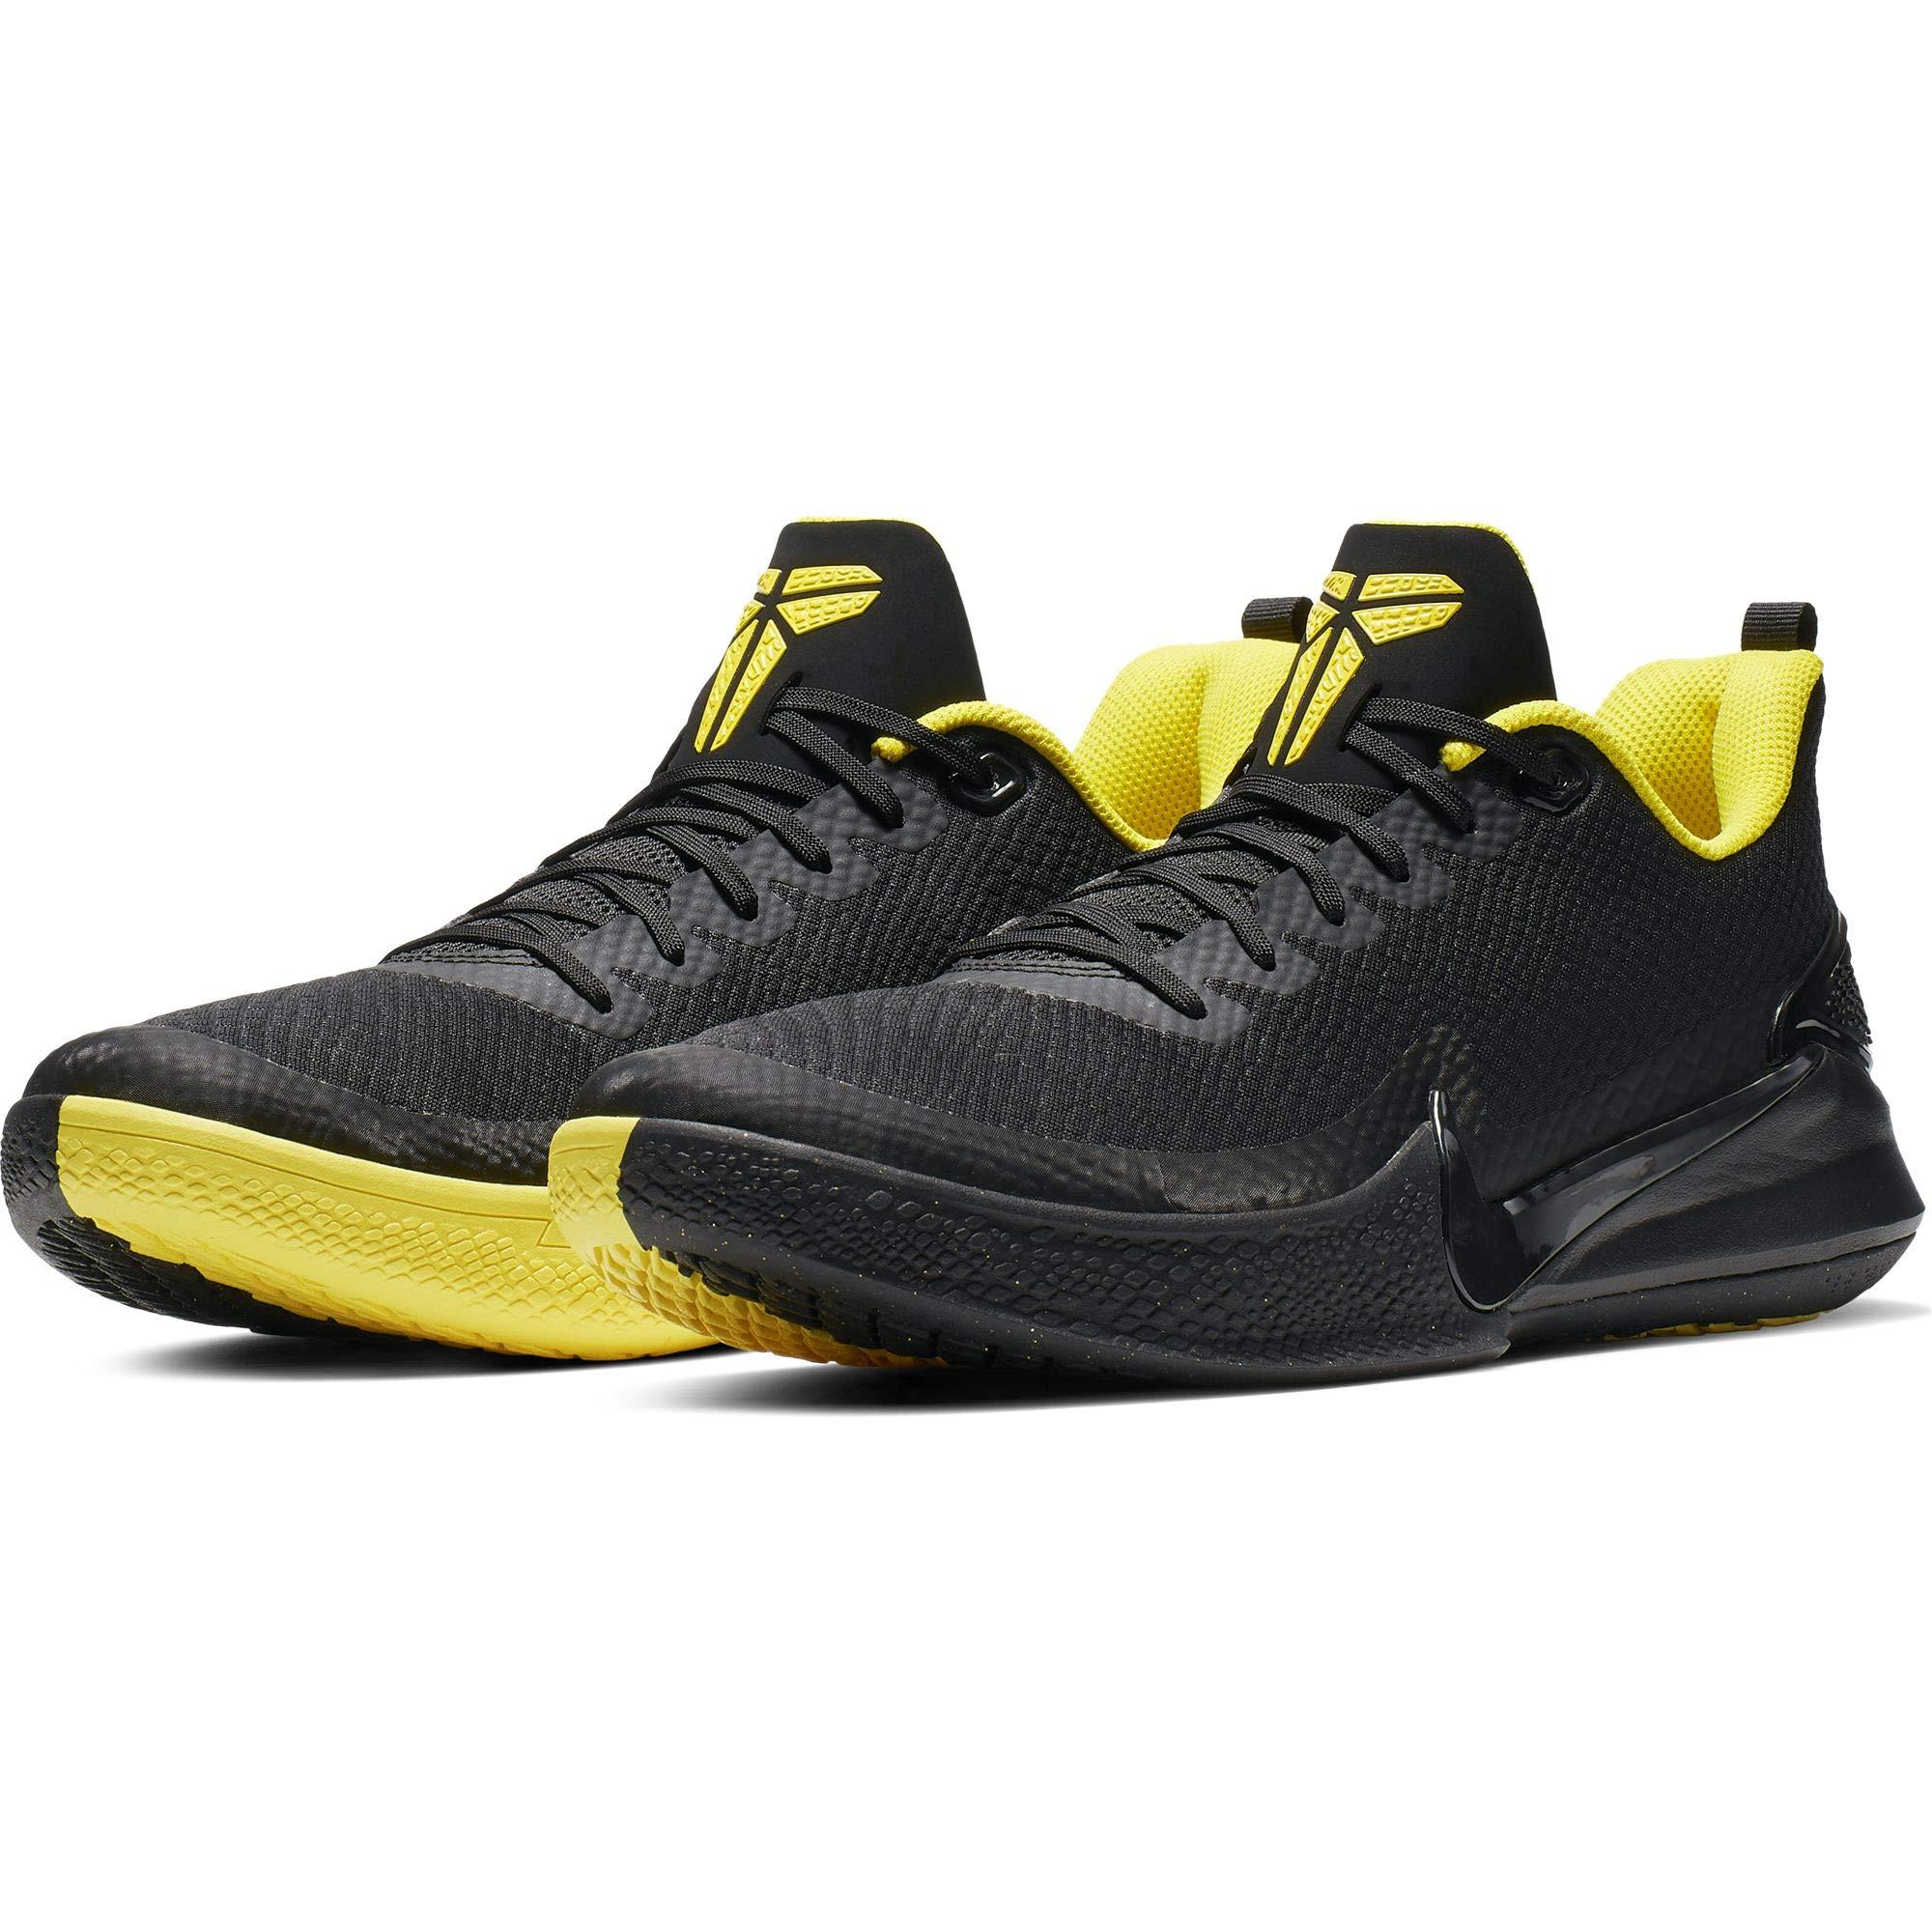 mamba rage shoes